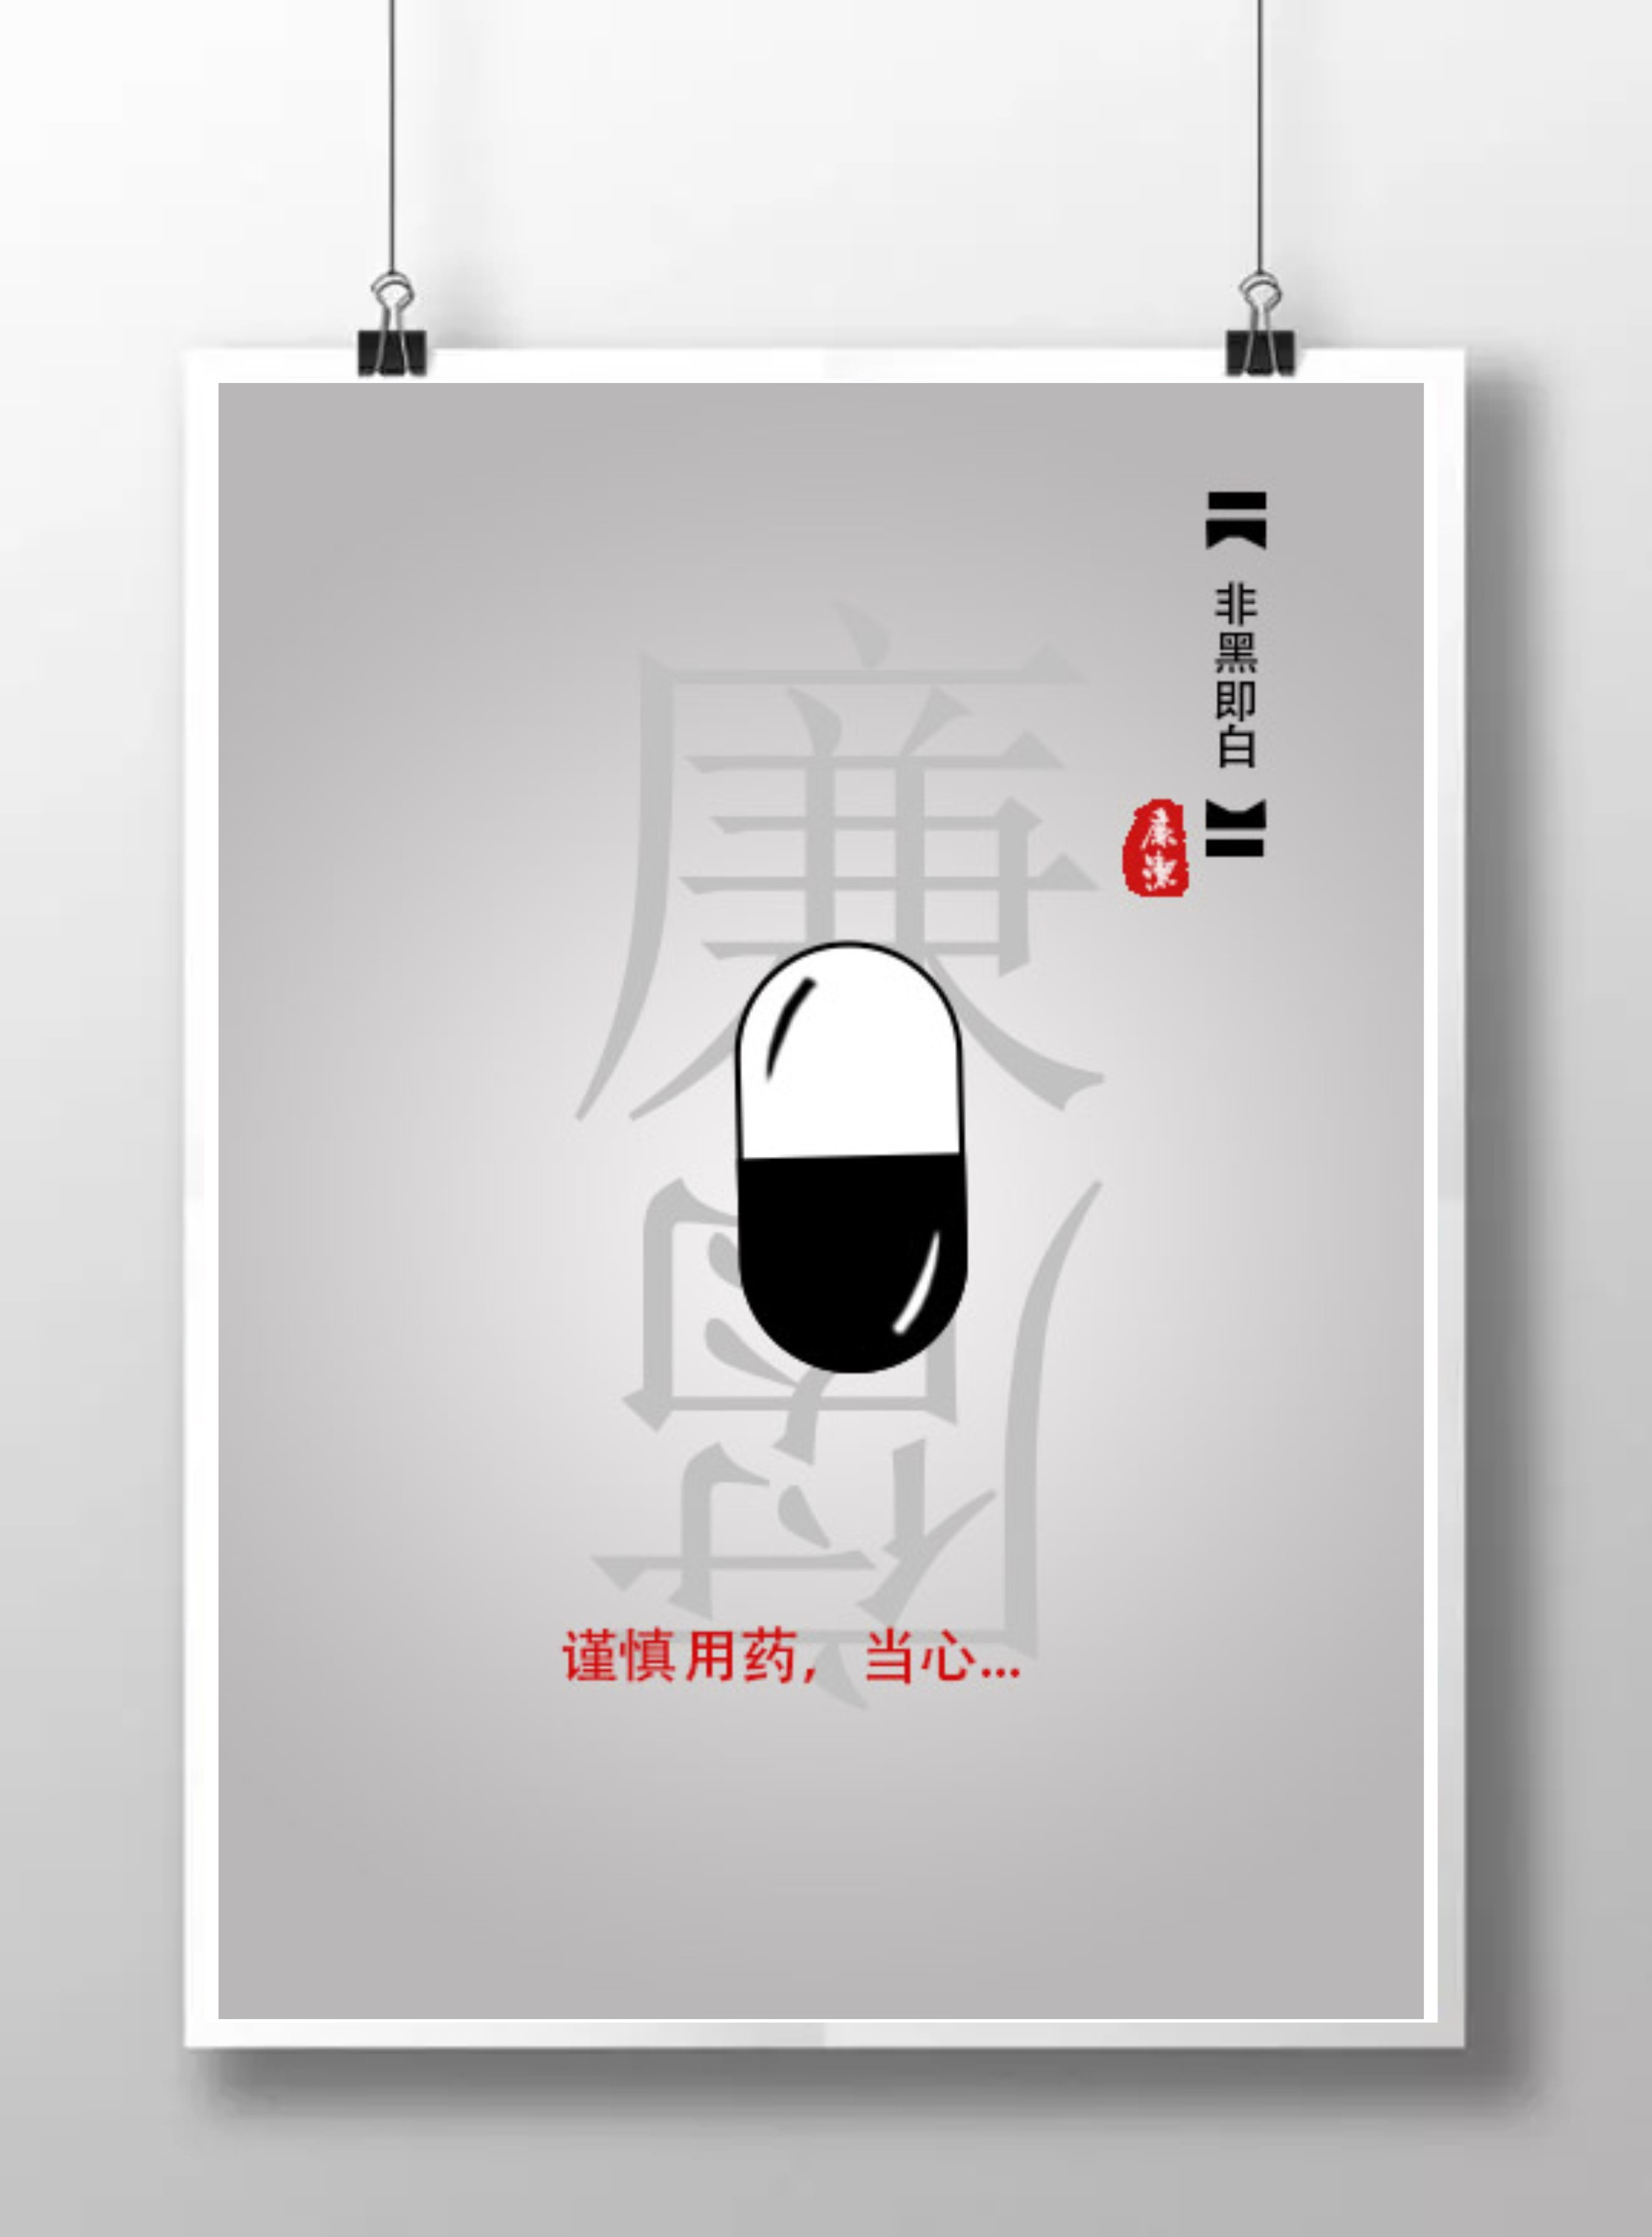 反腐倡廉海报设计